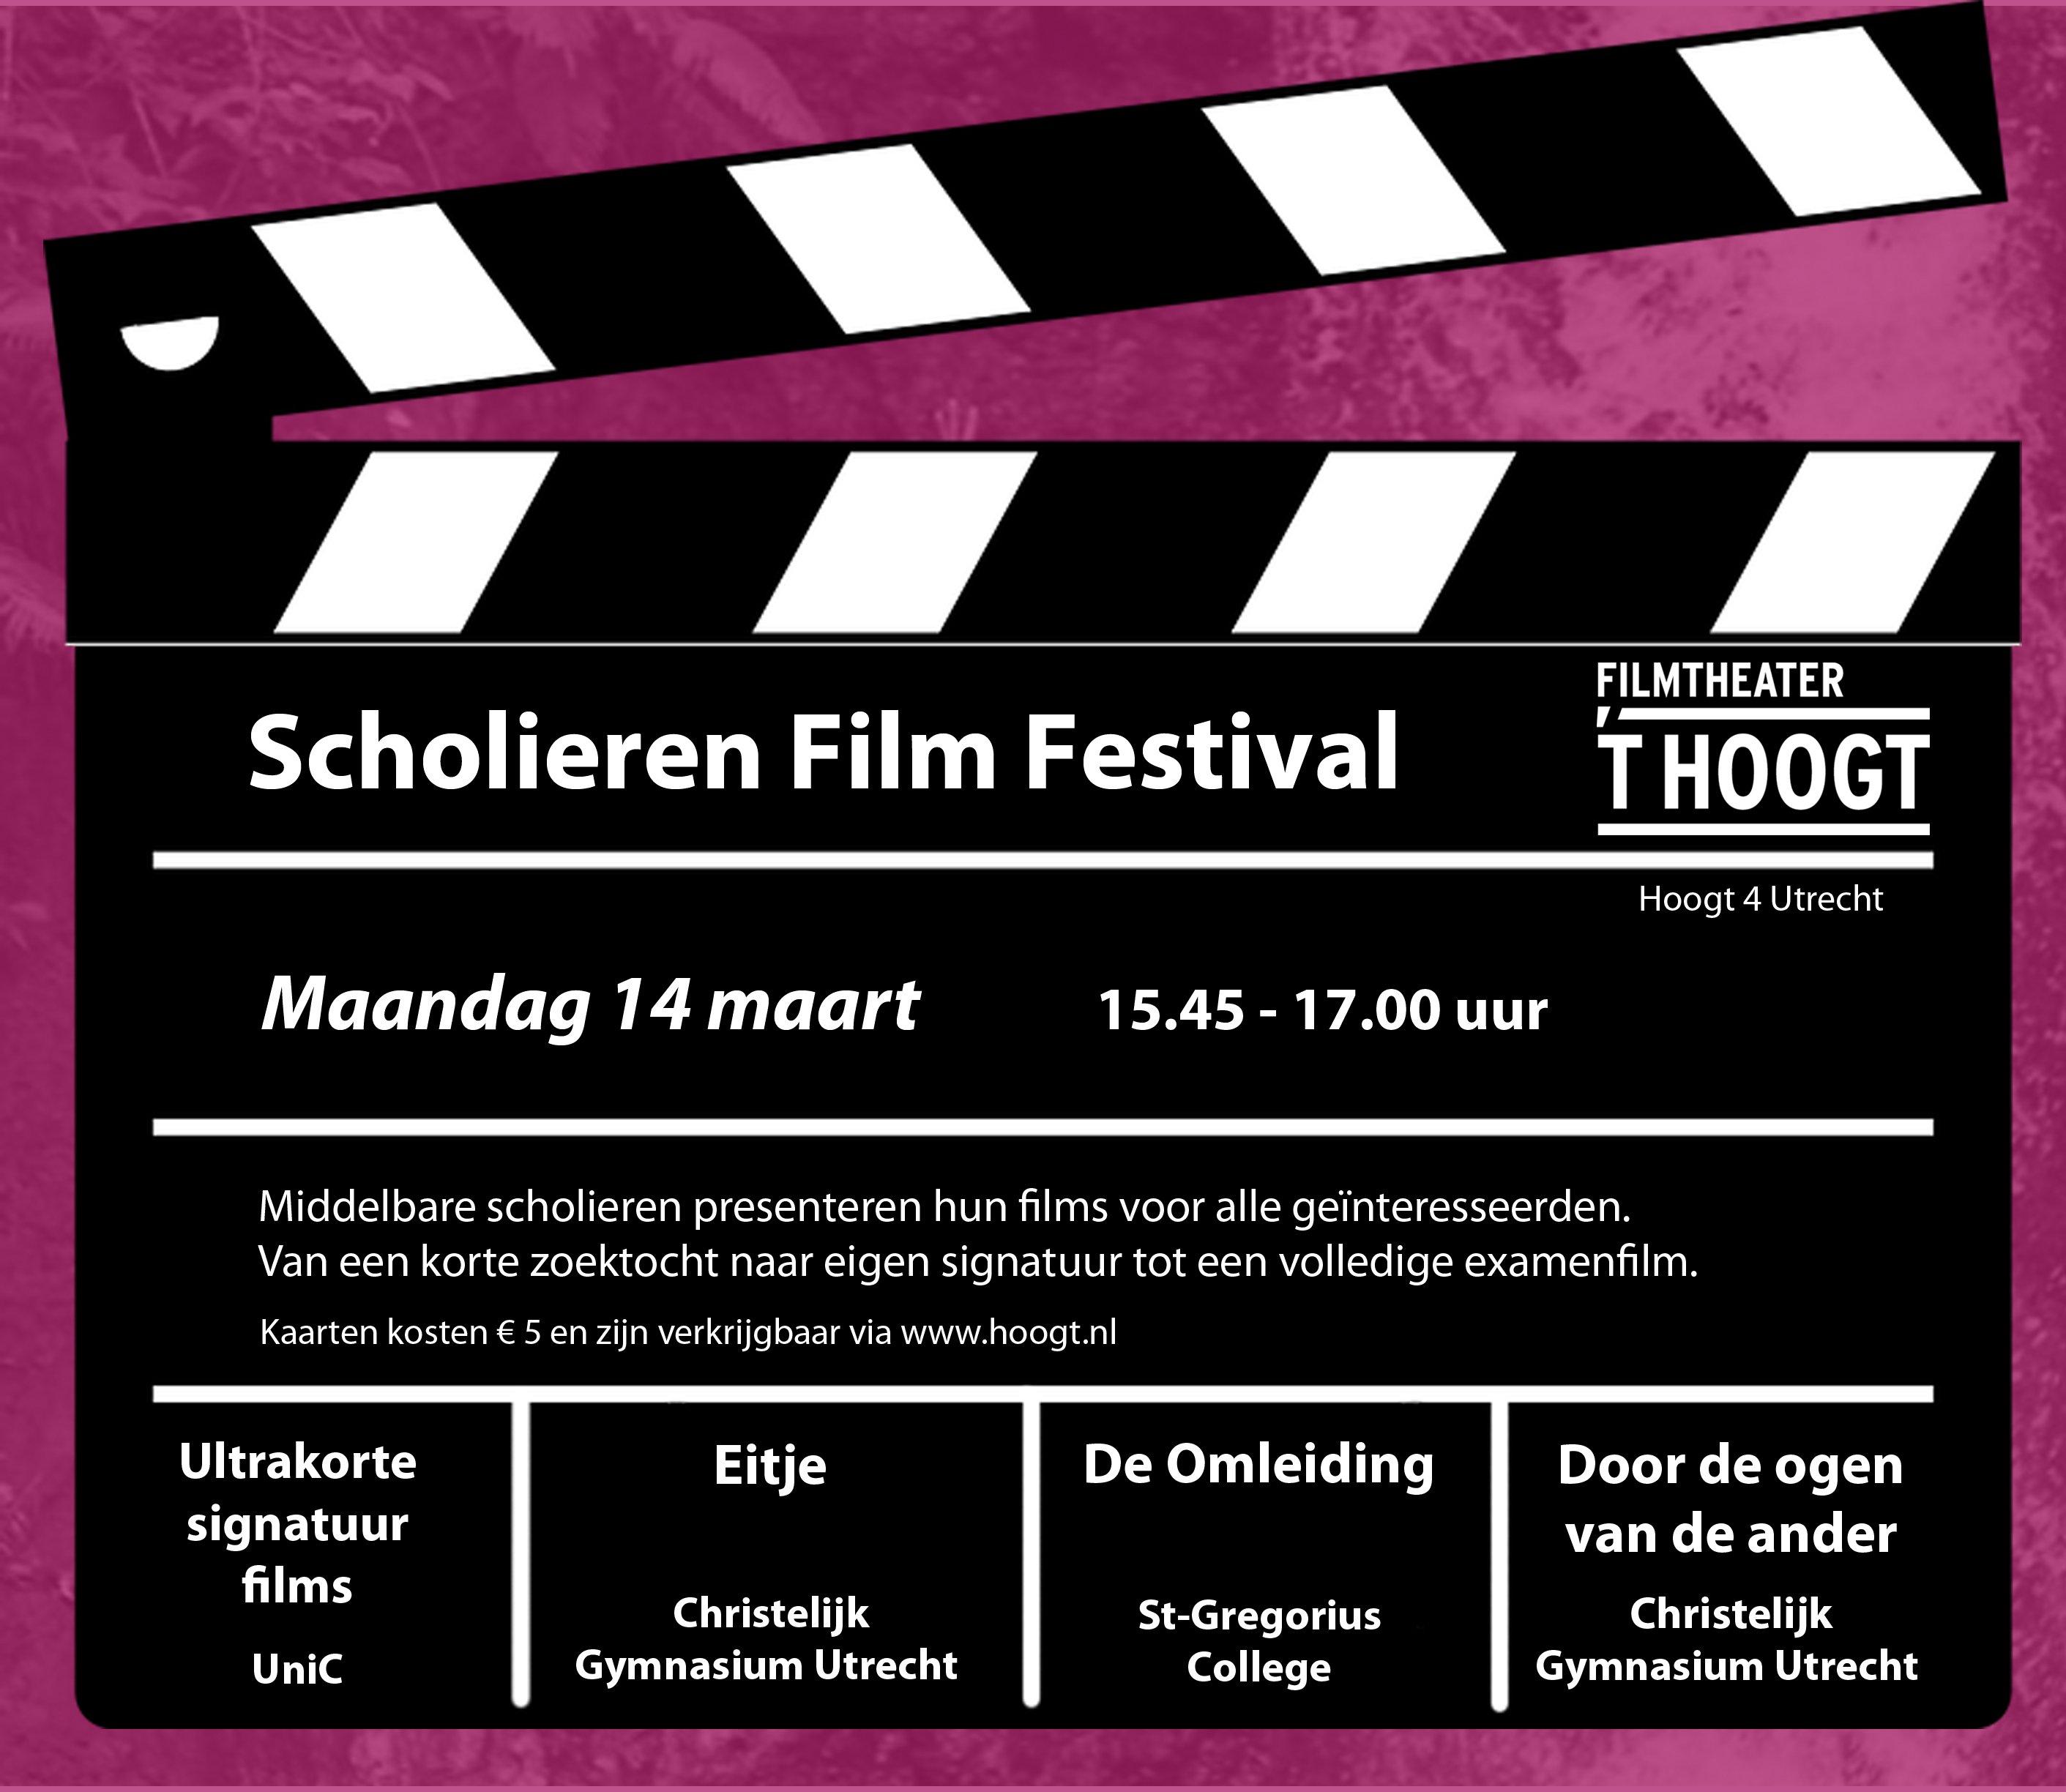 Uitnodiging Scholierenfilmfestival 't Hoogt